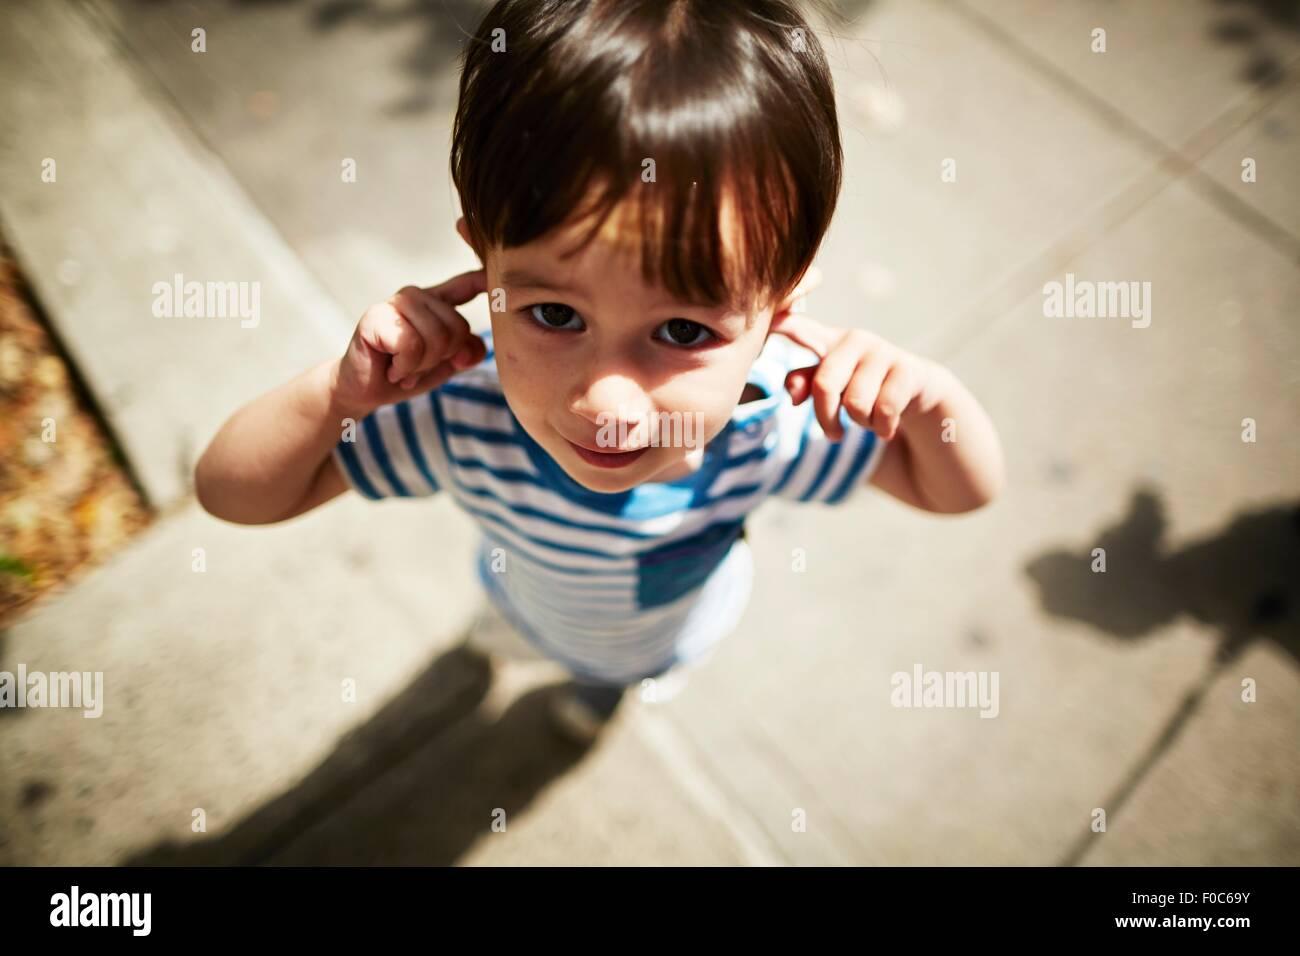 Ritratto di ragazzo di mettere le dita nei suoi orecchi su strada Immagini Stock